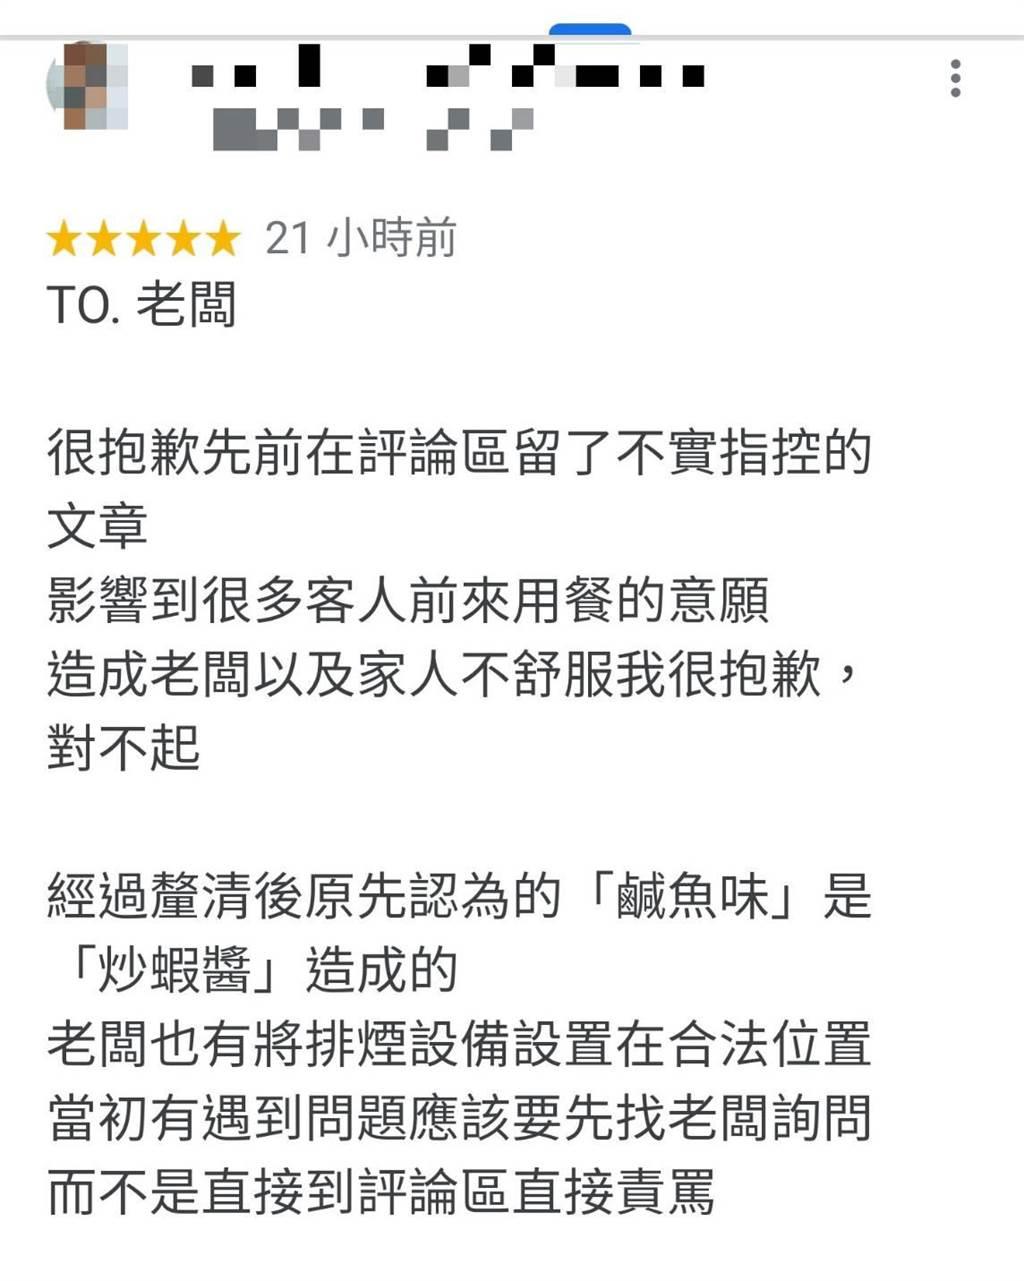 陳的女兒重新貼評論向老闆道歉。(翻攝網路)